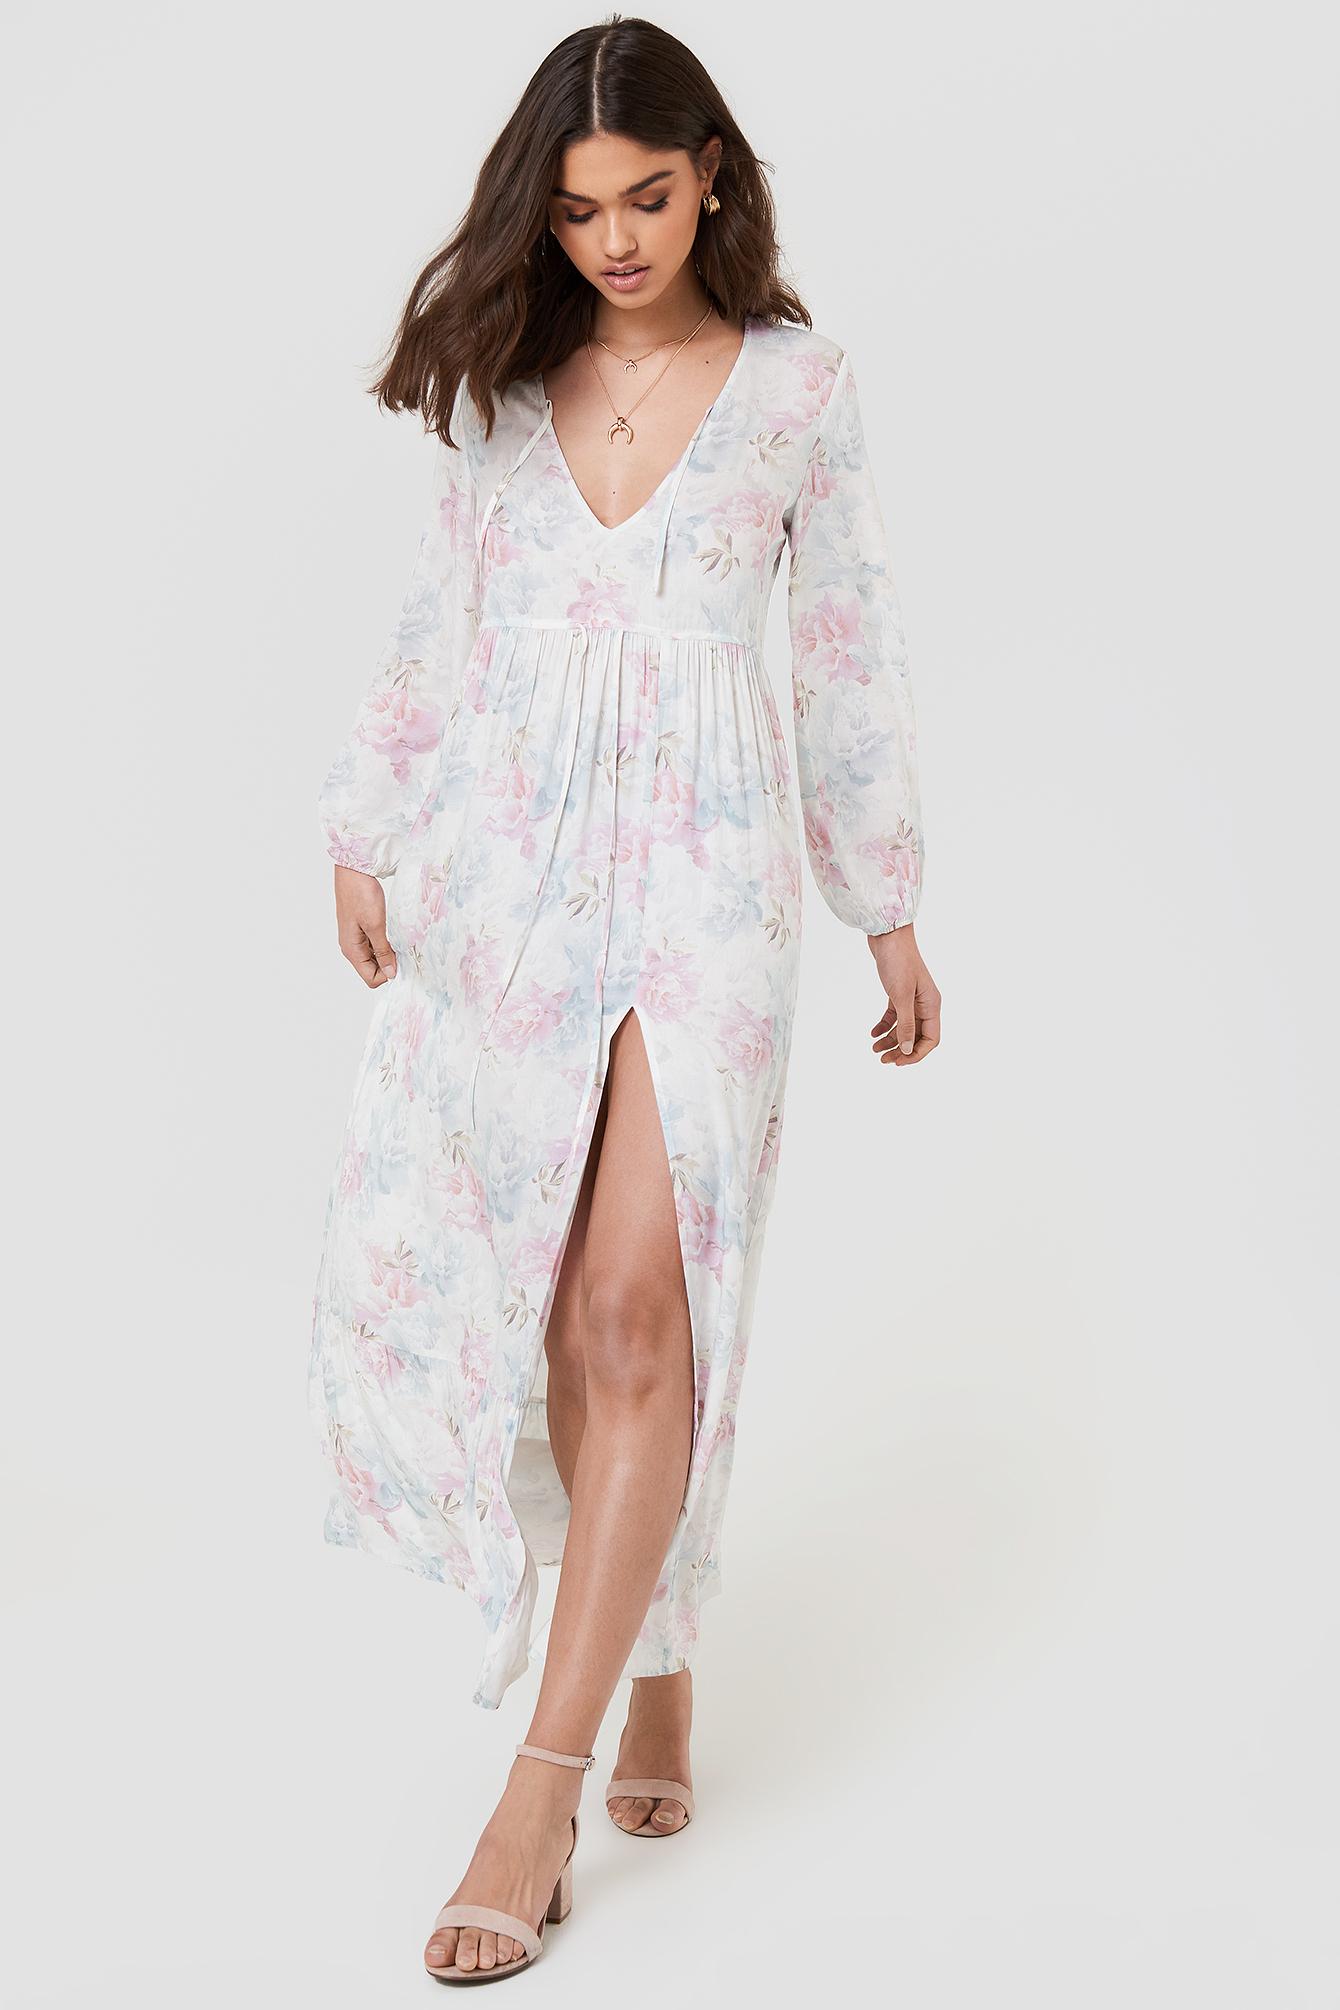 FAYT Roman Dress - White